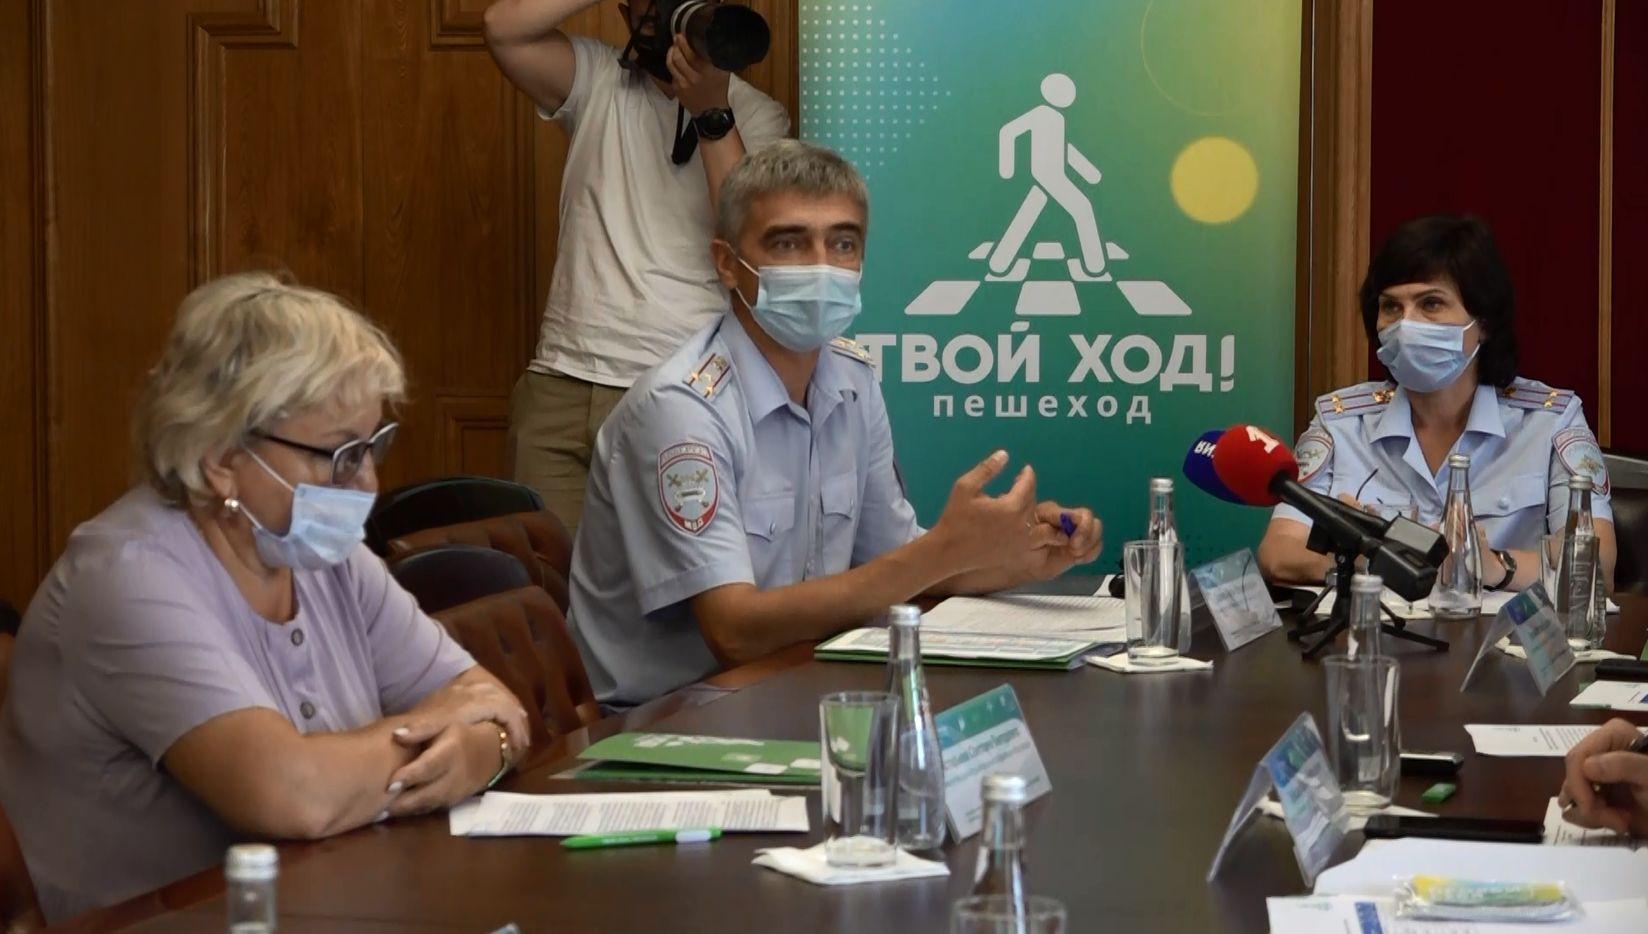 В регионе стартовала Всероссийская социальная акция «Твой ход! Пешеход»